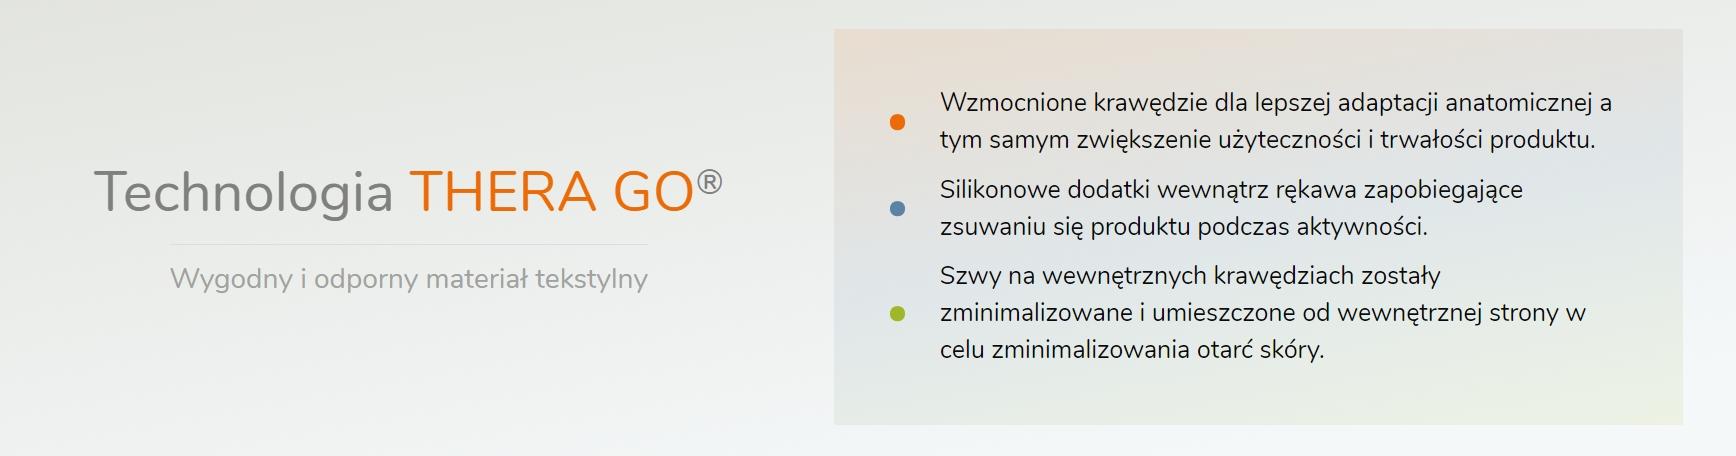 ELASTYCZNA SPORTOWA ORTEZA STABILIZATOR ŁYDKI S Obwód łydki 27-29 cm